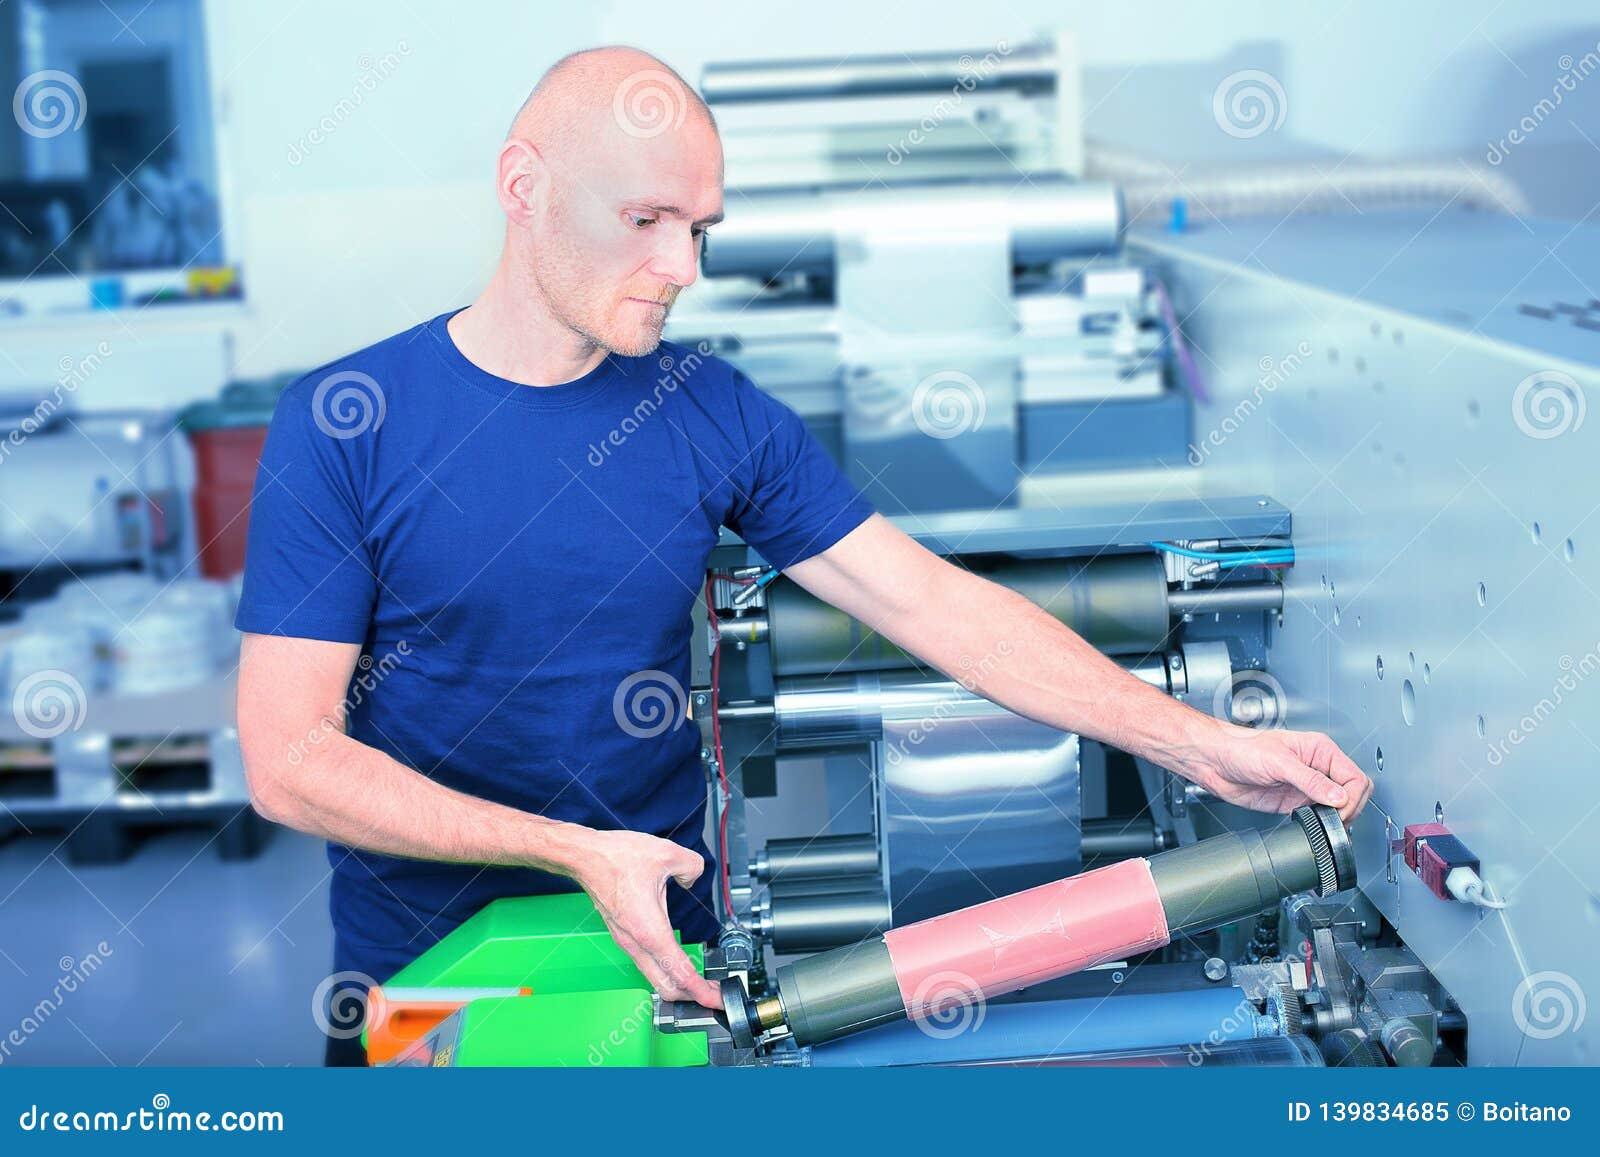 Оператор принтера рядом с печатной машиной, держа печать цилиндра с плитой сброса полимера вставленной на ей